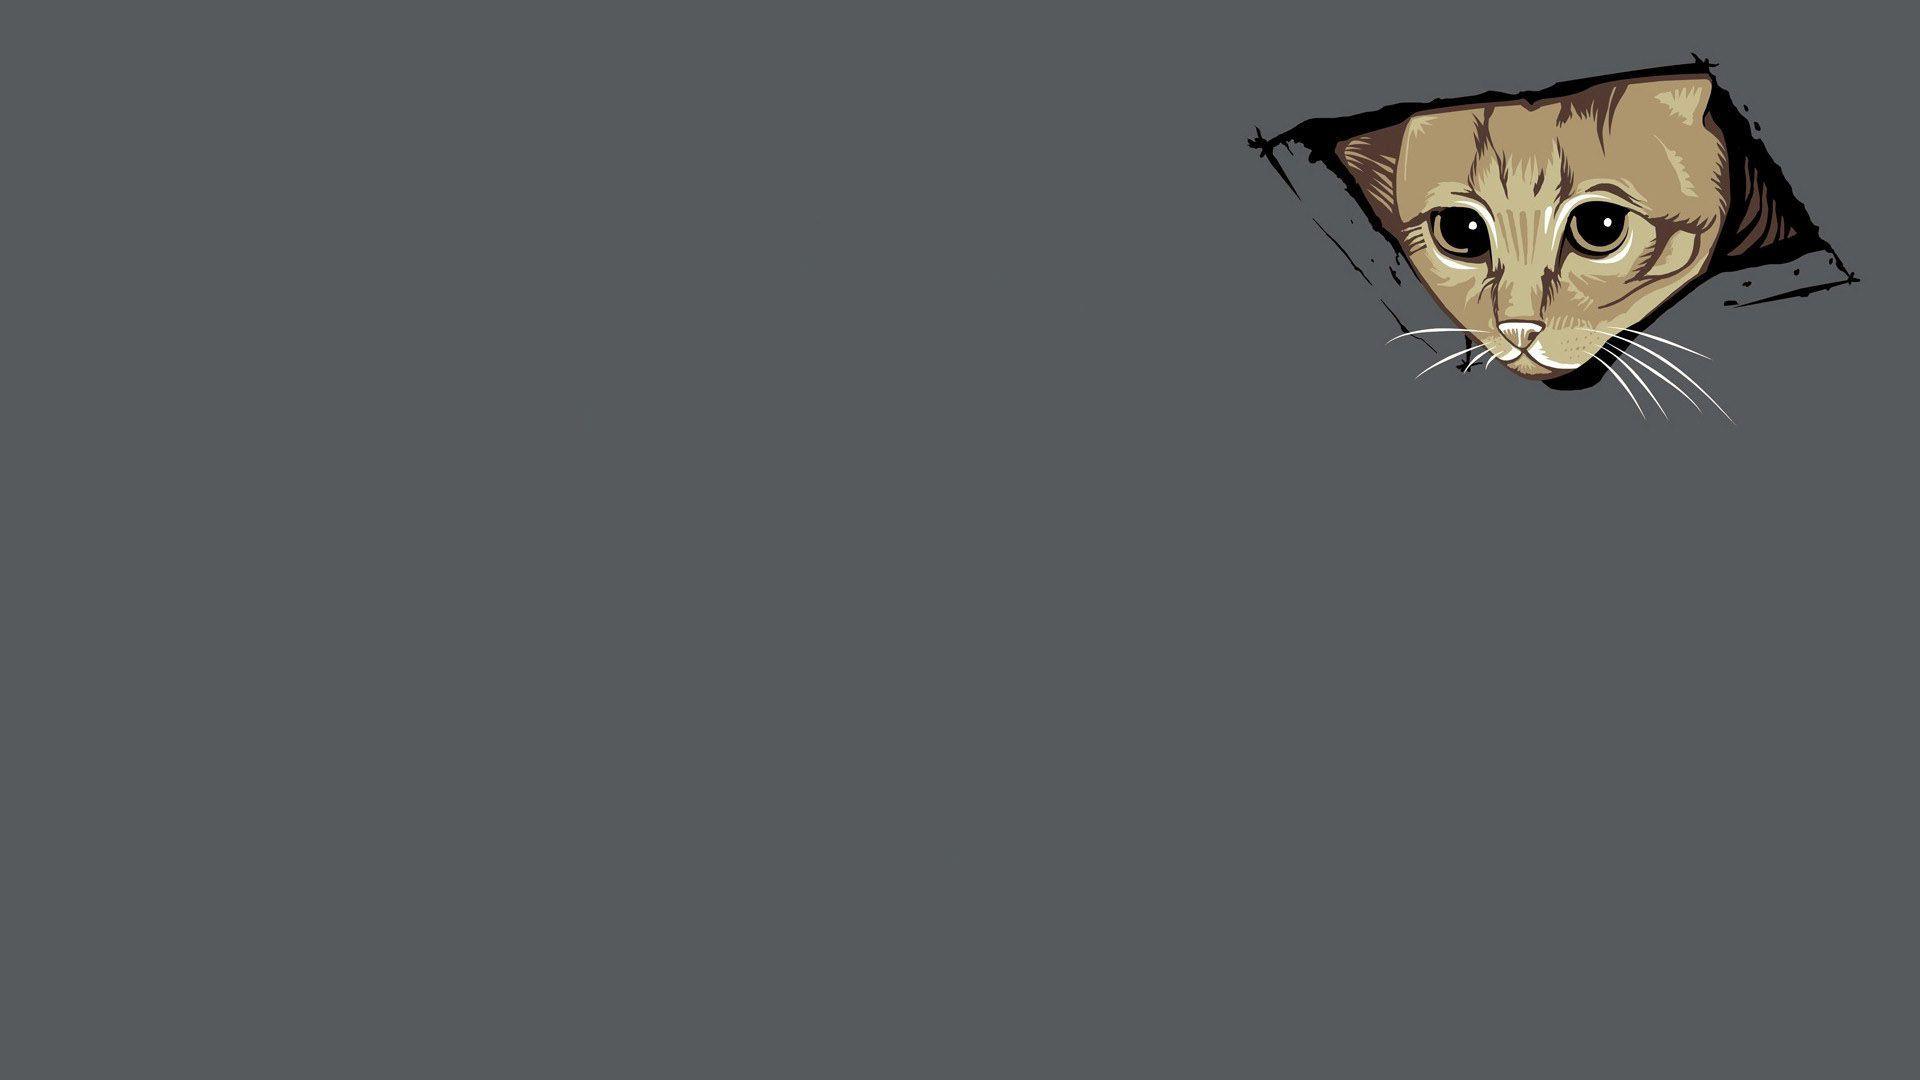 cat meme desktop wallpaper 64262